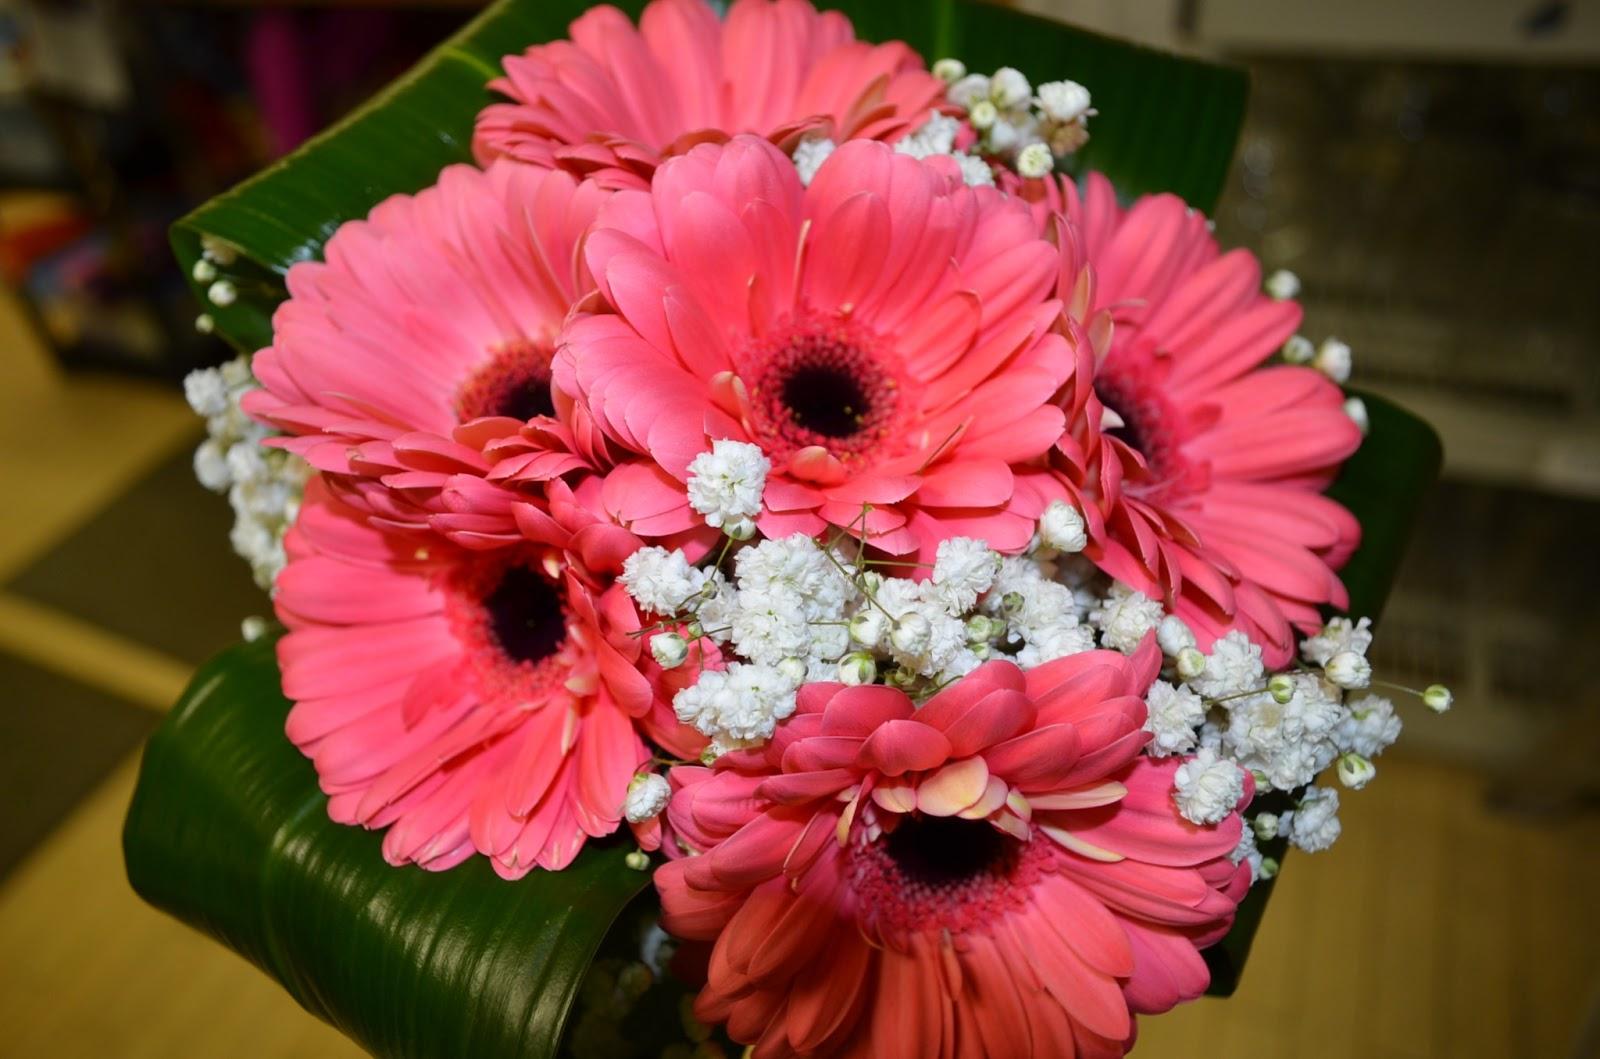 Gerbera Daisy Bouquet Lisa's Gerbera Daisy B...